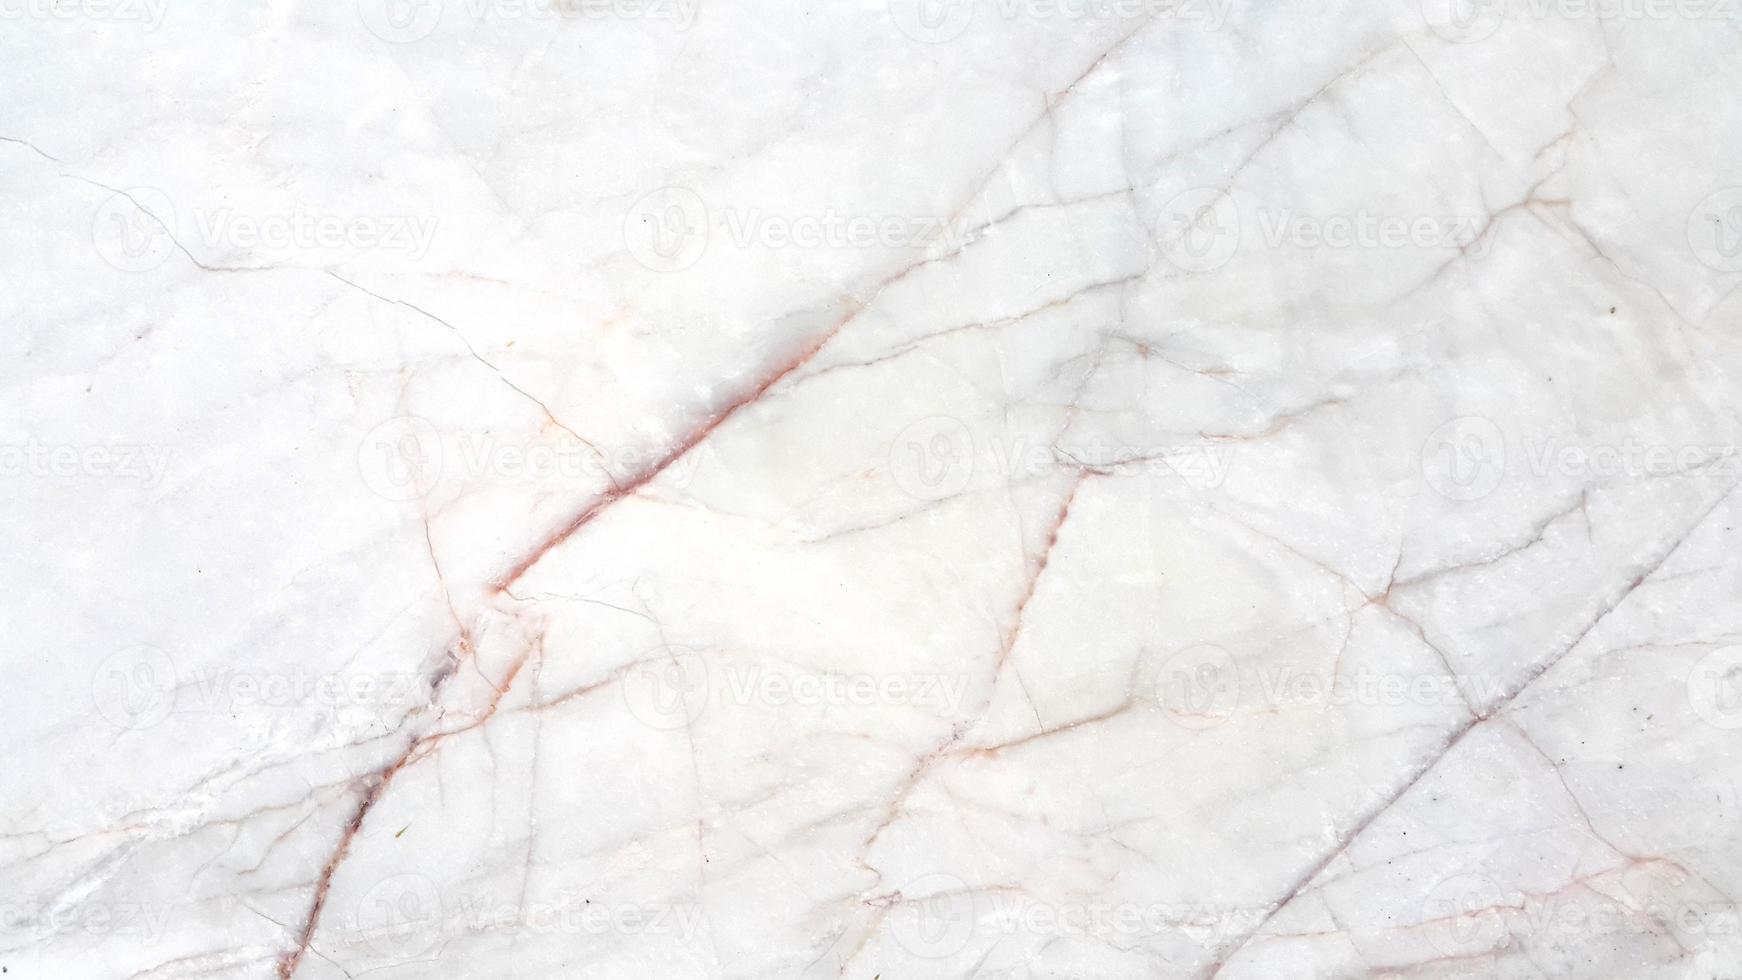 motifs sur la surface en marbre qui semblent naturels photo